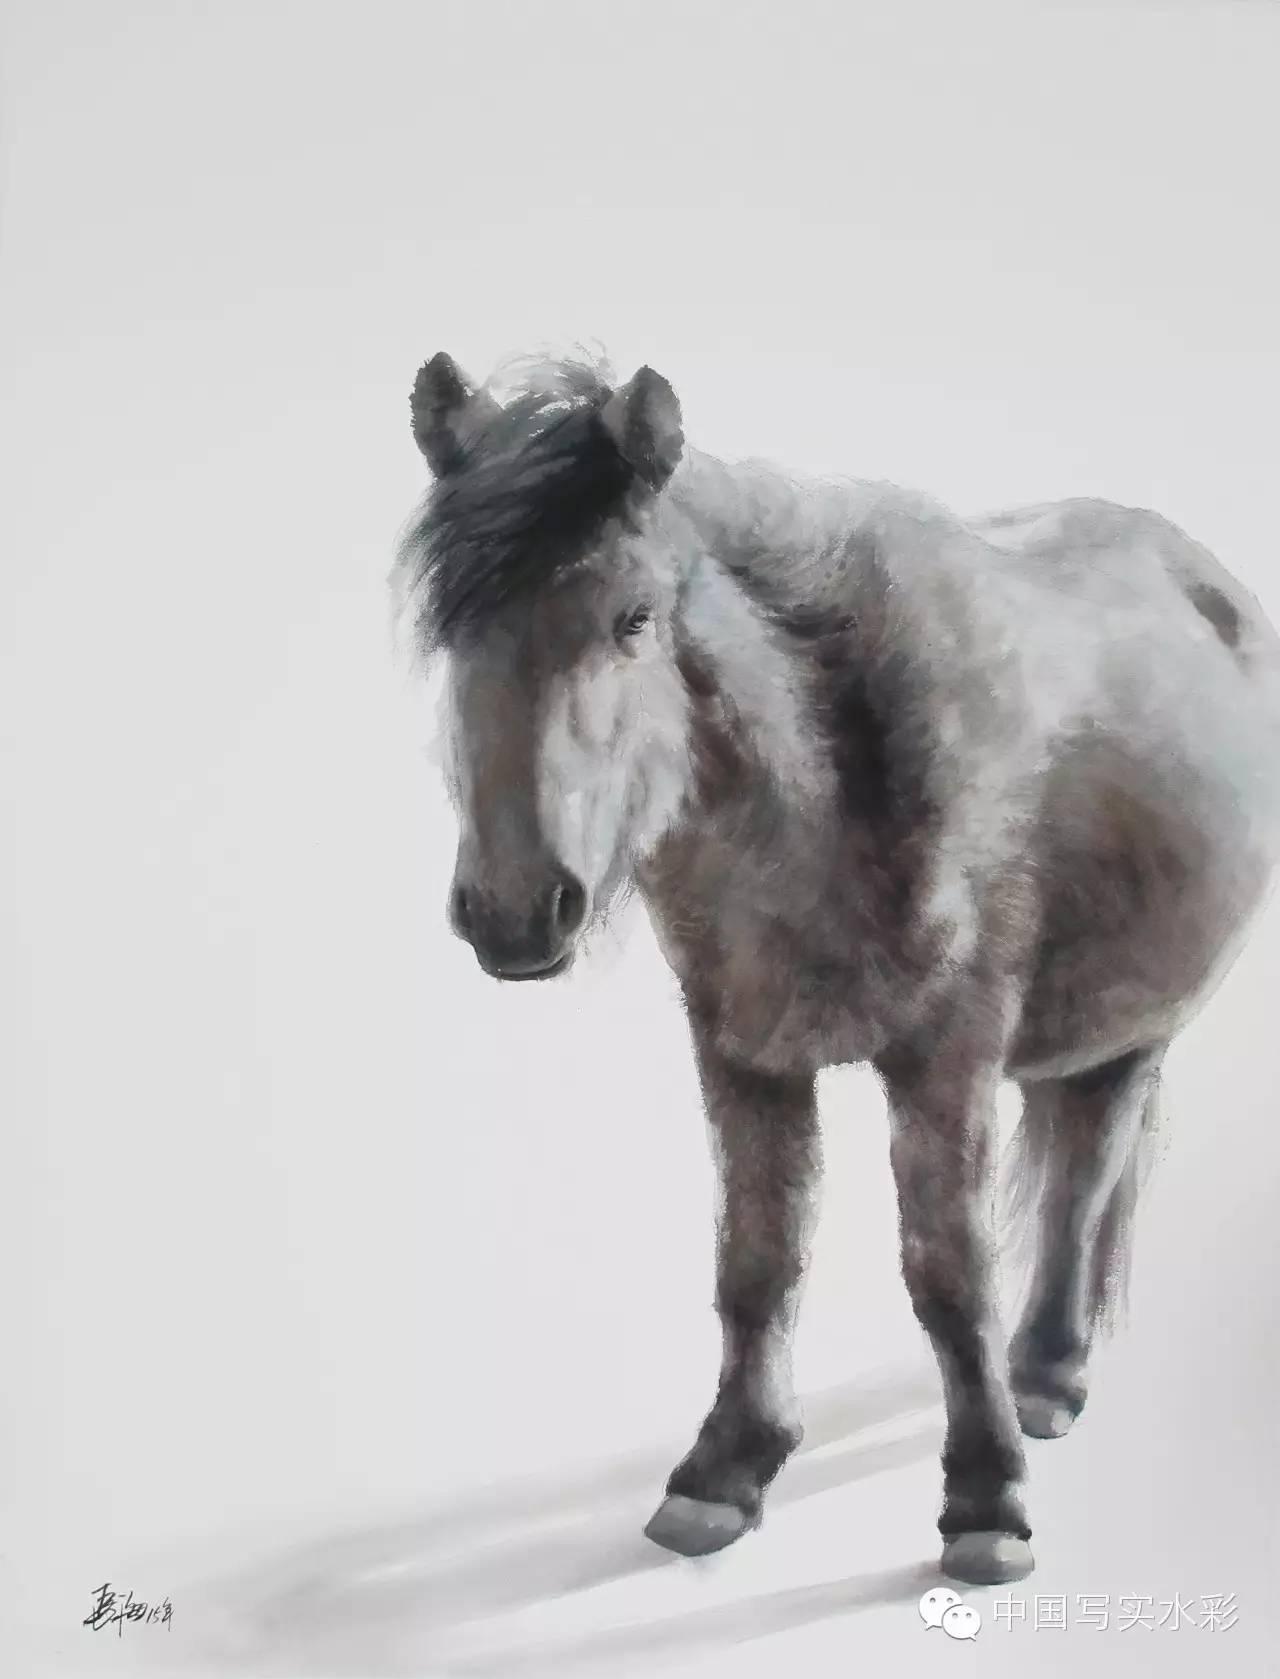 中国写实水彩第一回展——参展画家长海作品欣赏 第14张